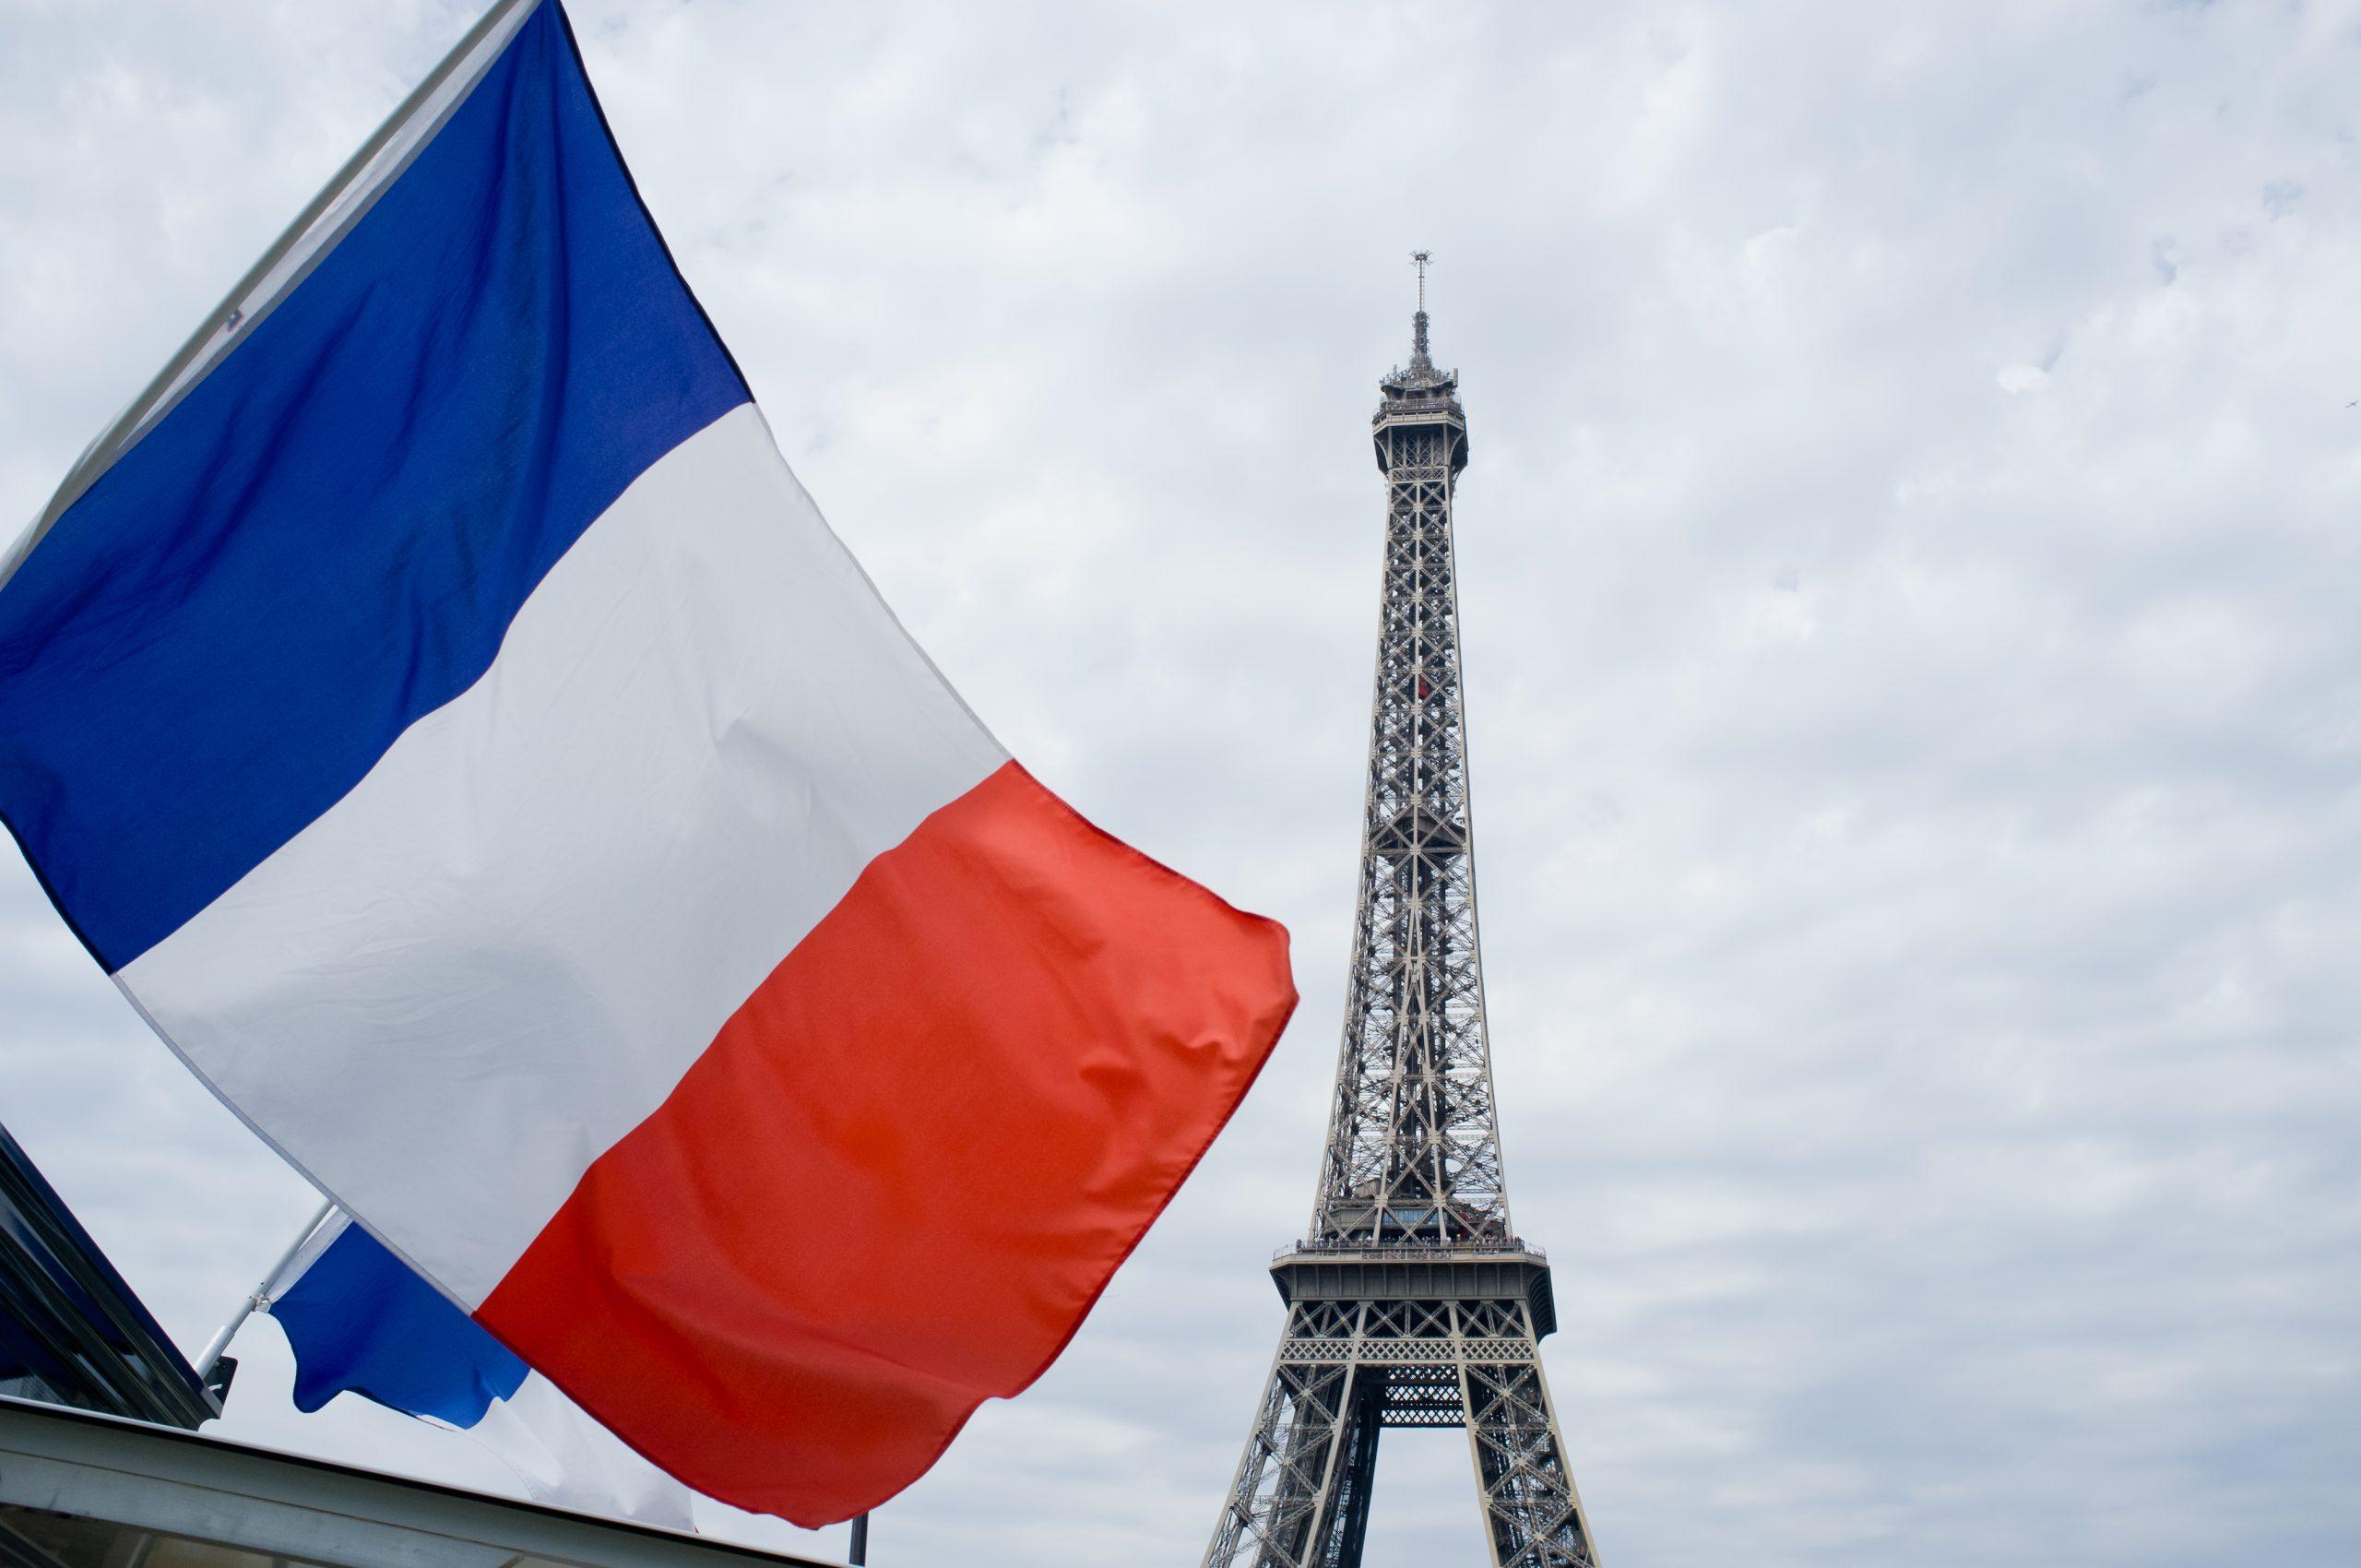 """Fransız Senatosunda """"ayrılıkçı"""" yasa tasarısına, spor federasyonlarının resmi müsabakalarında başörtüsünün yasaklanmasını içeren maddenin eklenmesi kararlaştırıldı. @aa"""